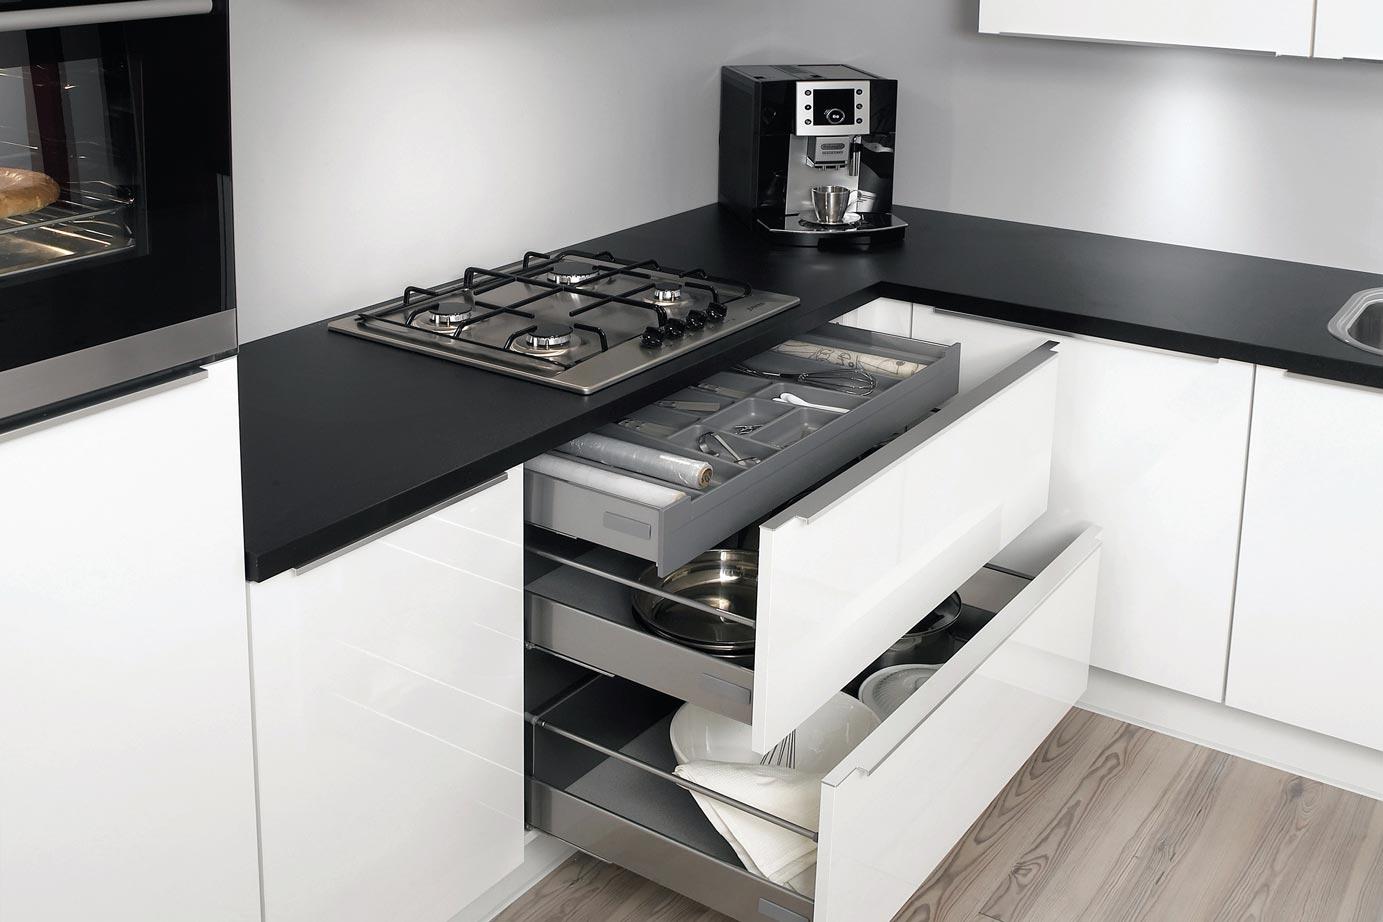 hoogglans keuken chique, modern, hip. bekijk voorbeelden.  db, Meubels Ideeën